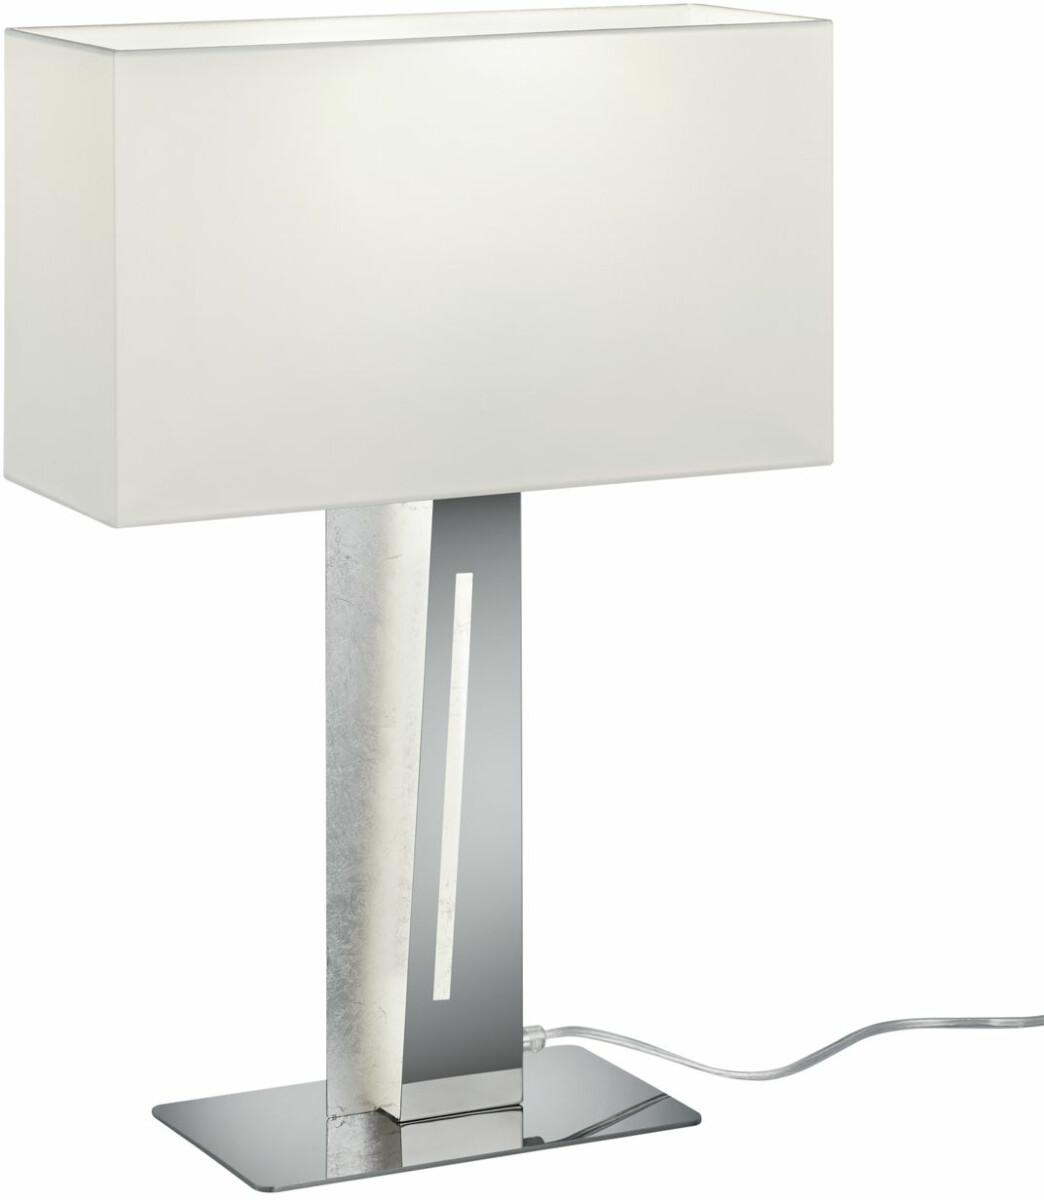 Pöytävalaisin ja LED-valaisin tuotteiden toimitustiedot